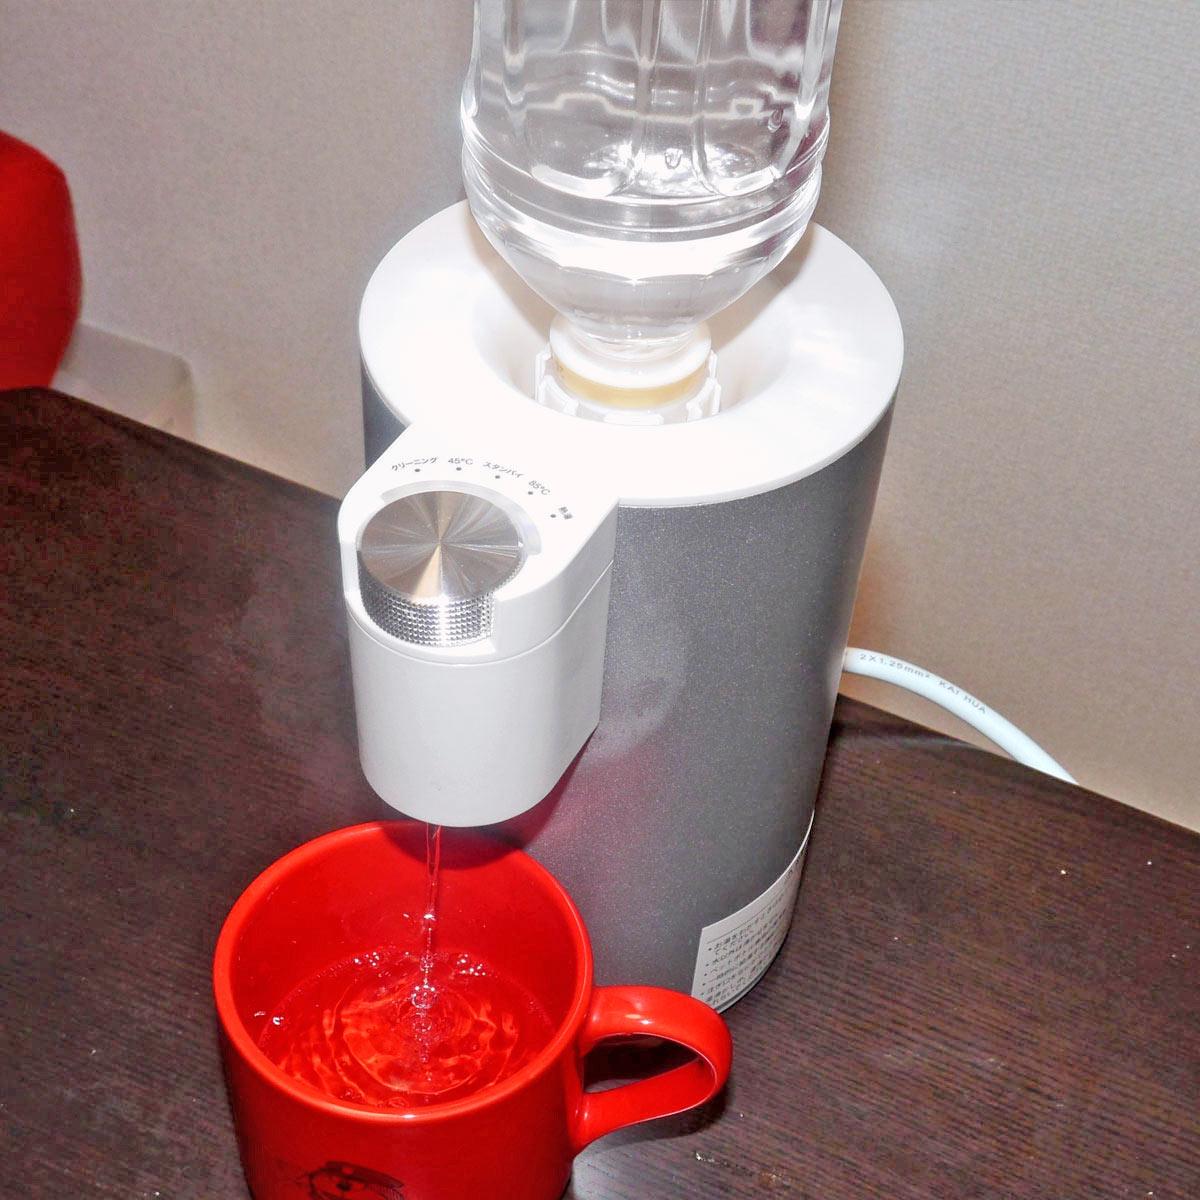 2秒でお湯が出るってホント!? 「ペットボトル式熱湯サーバー」の実力を検証!